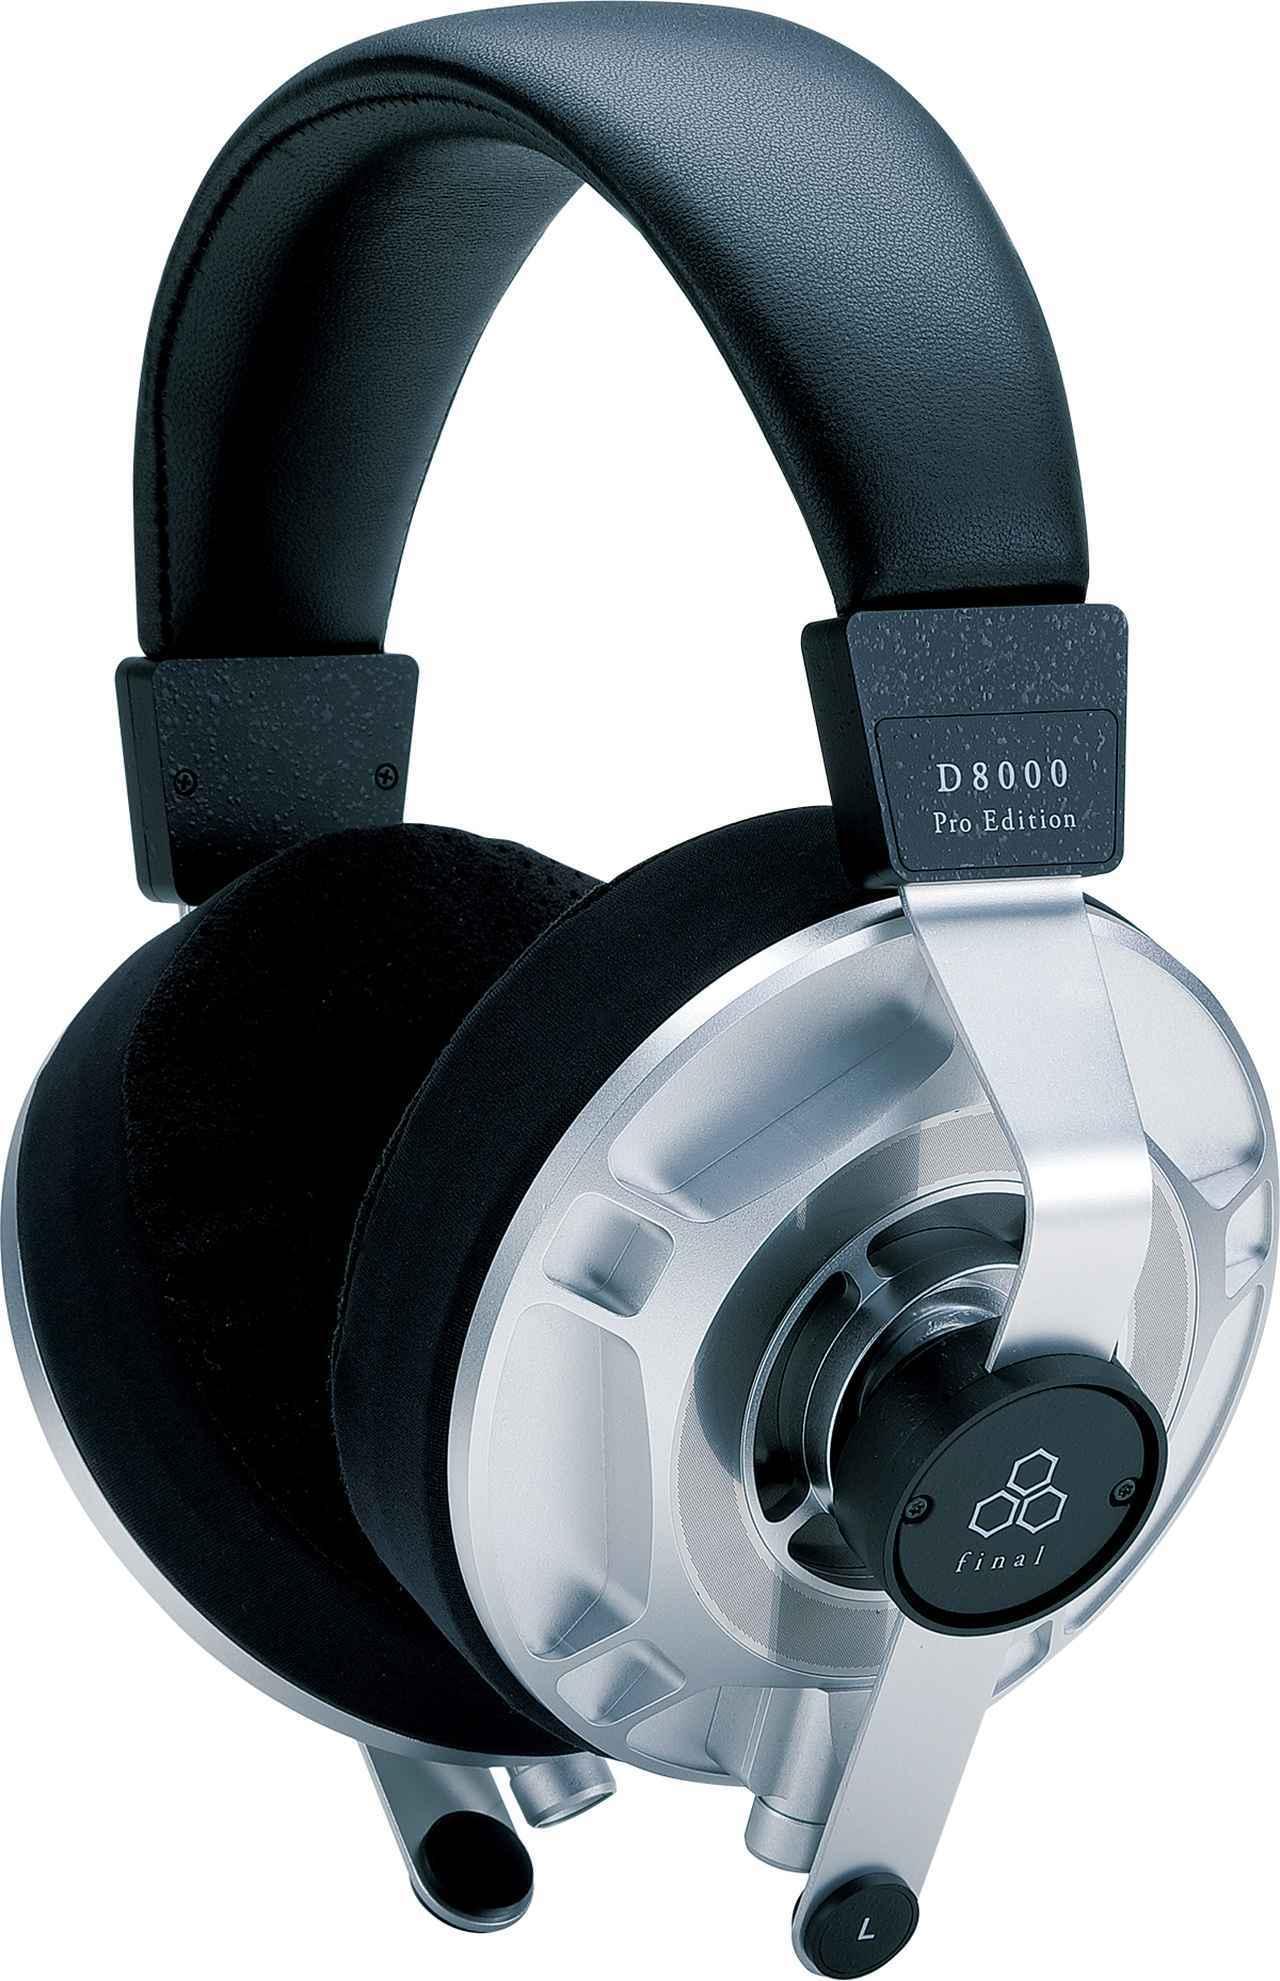 画像1: 第2位:ファイナル D8000 Pro Edition